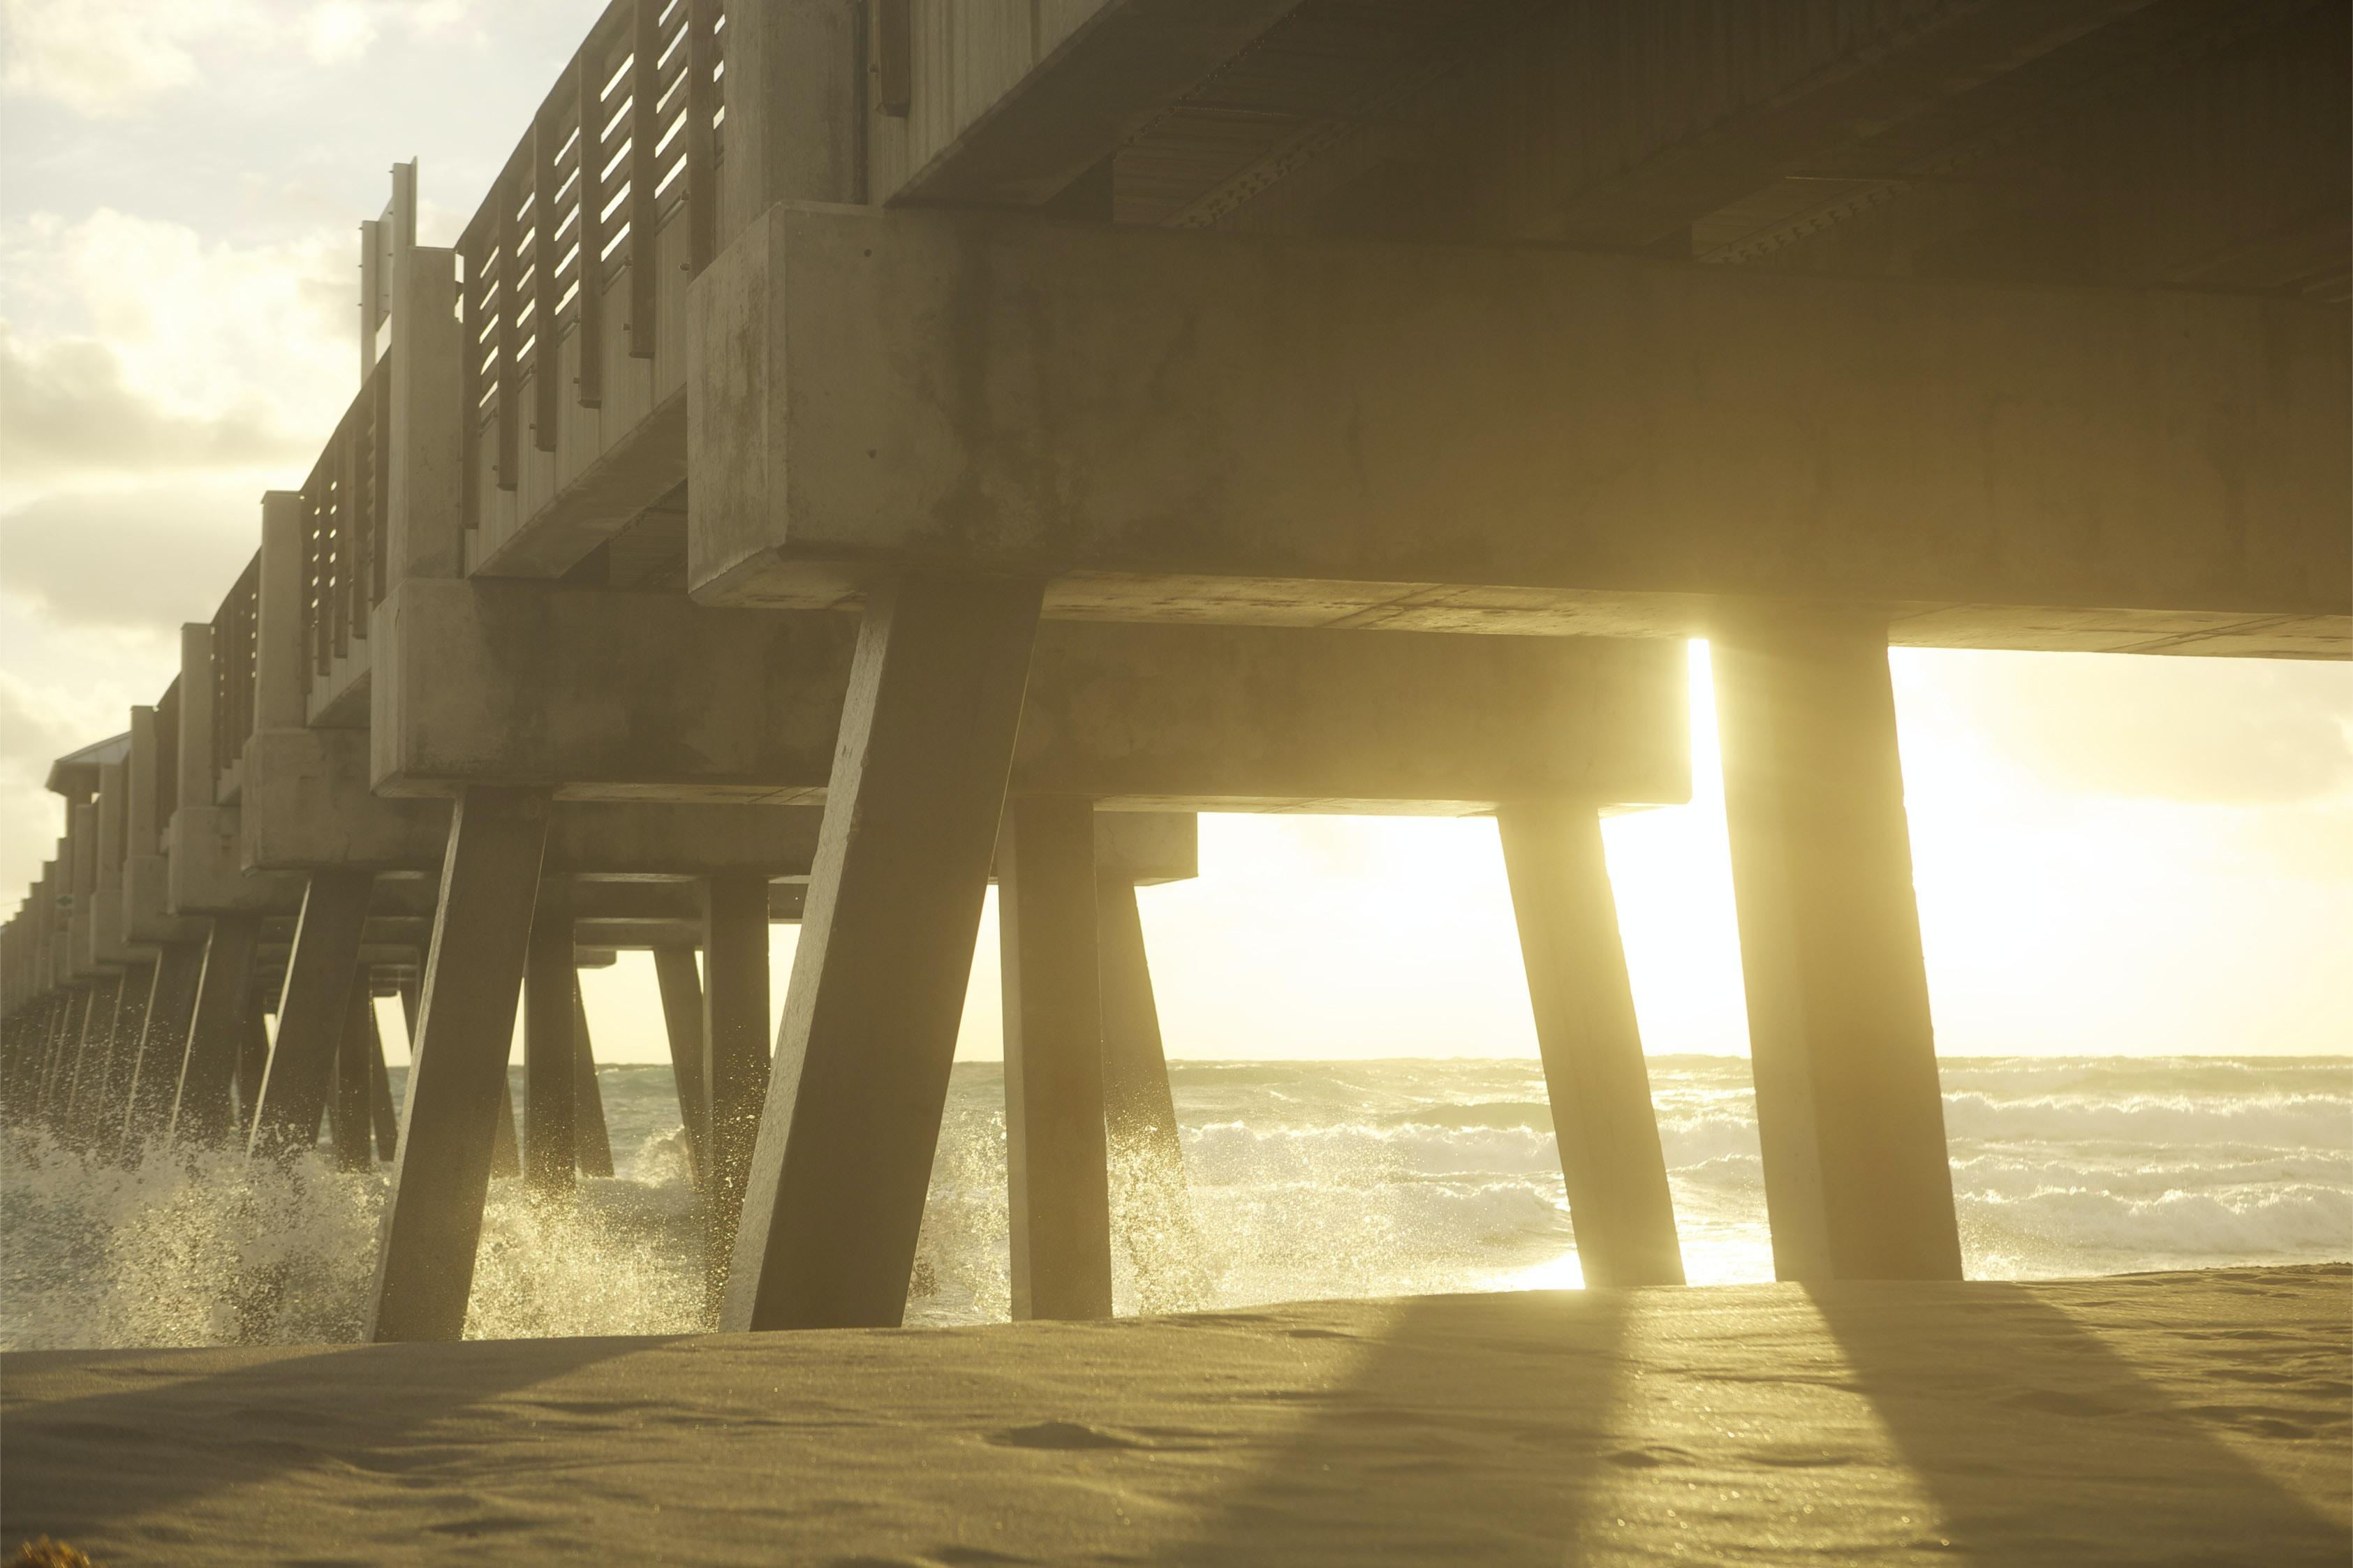 skyline photography of concrete bridge